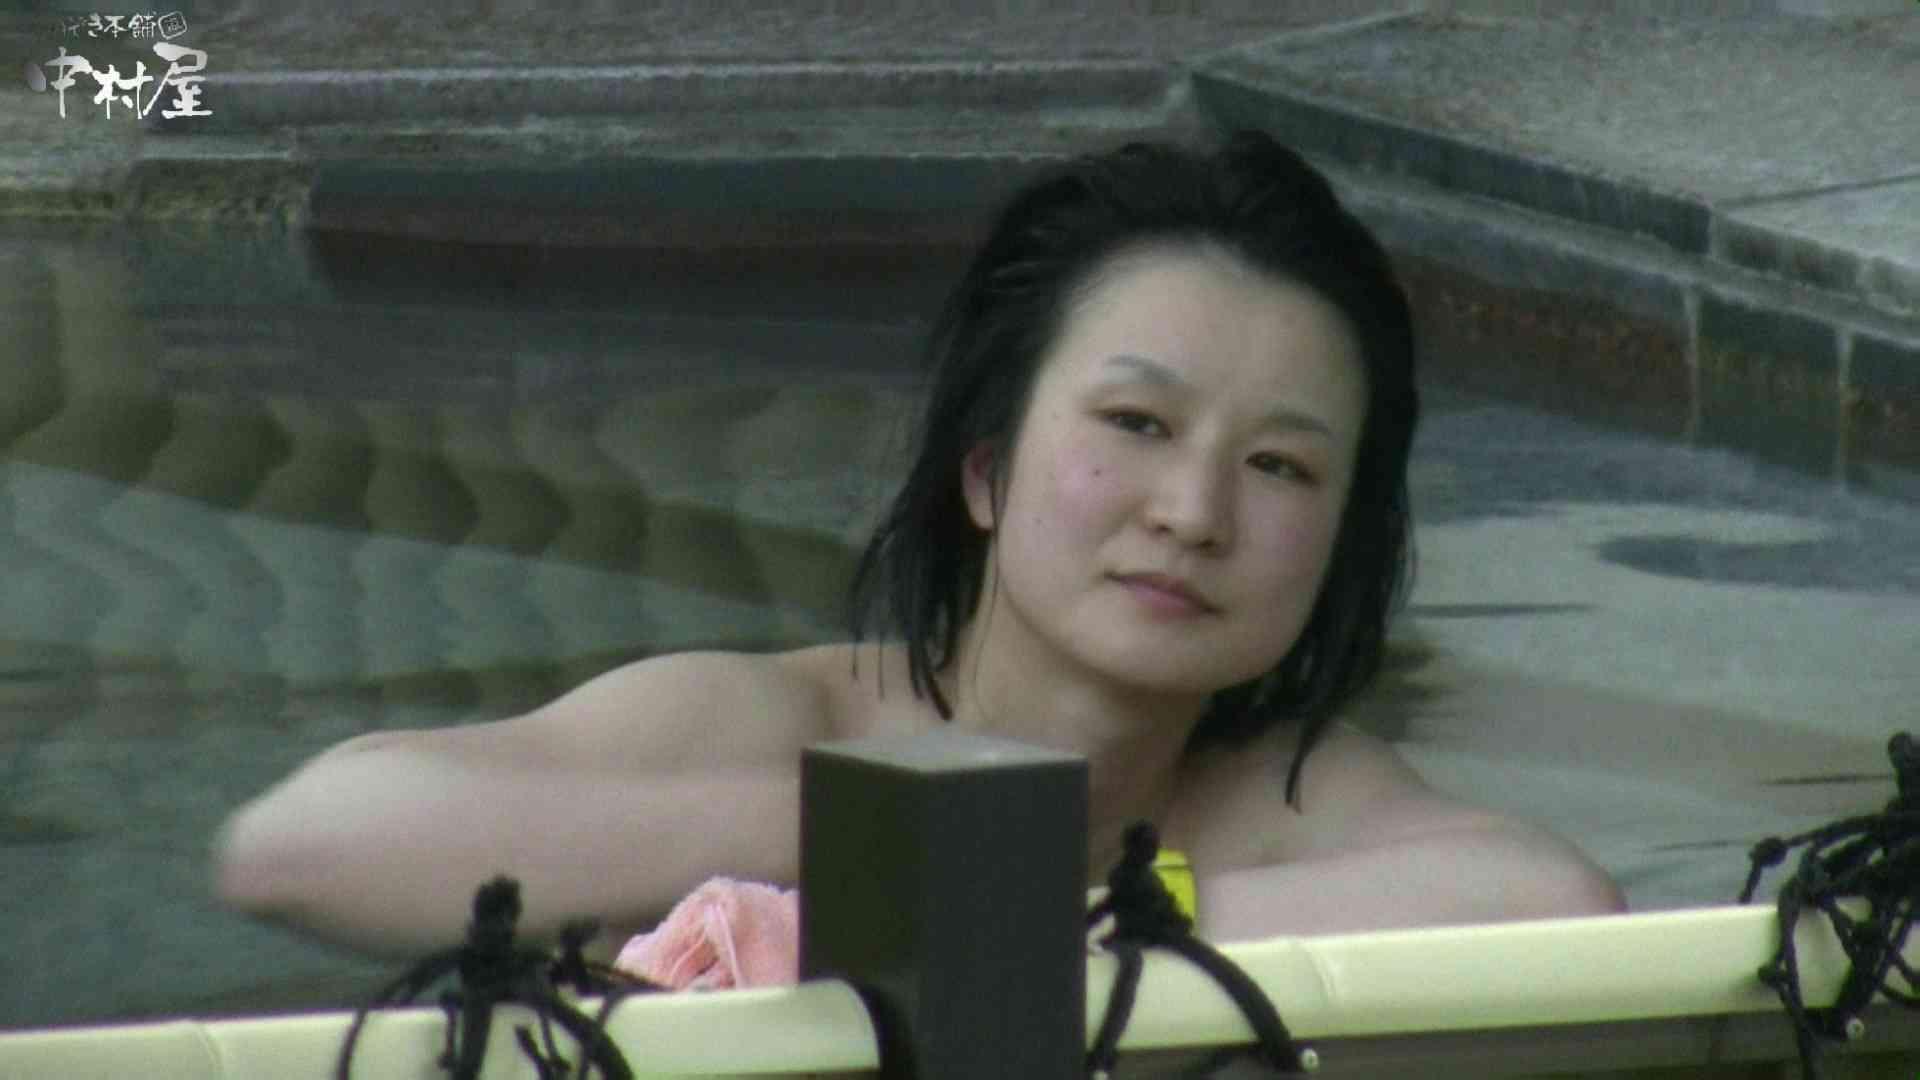 Aquaな露天風呂Vol.982 美しいOLの裸体   盗撮師作品  78pic 67